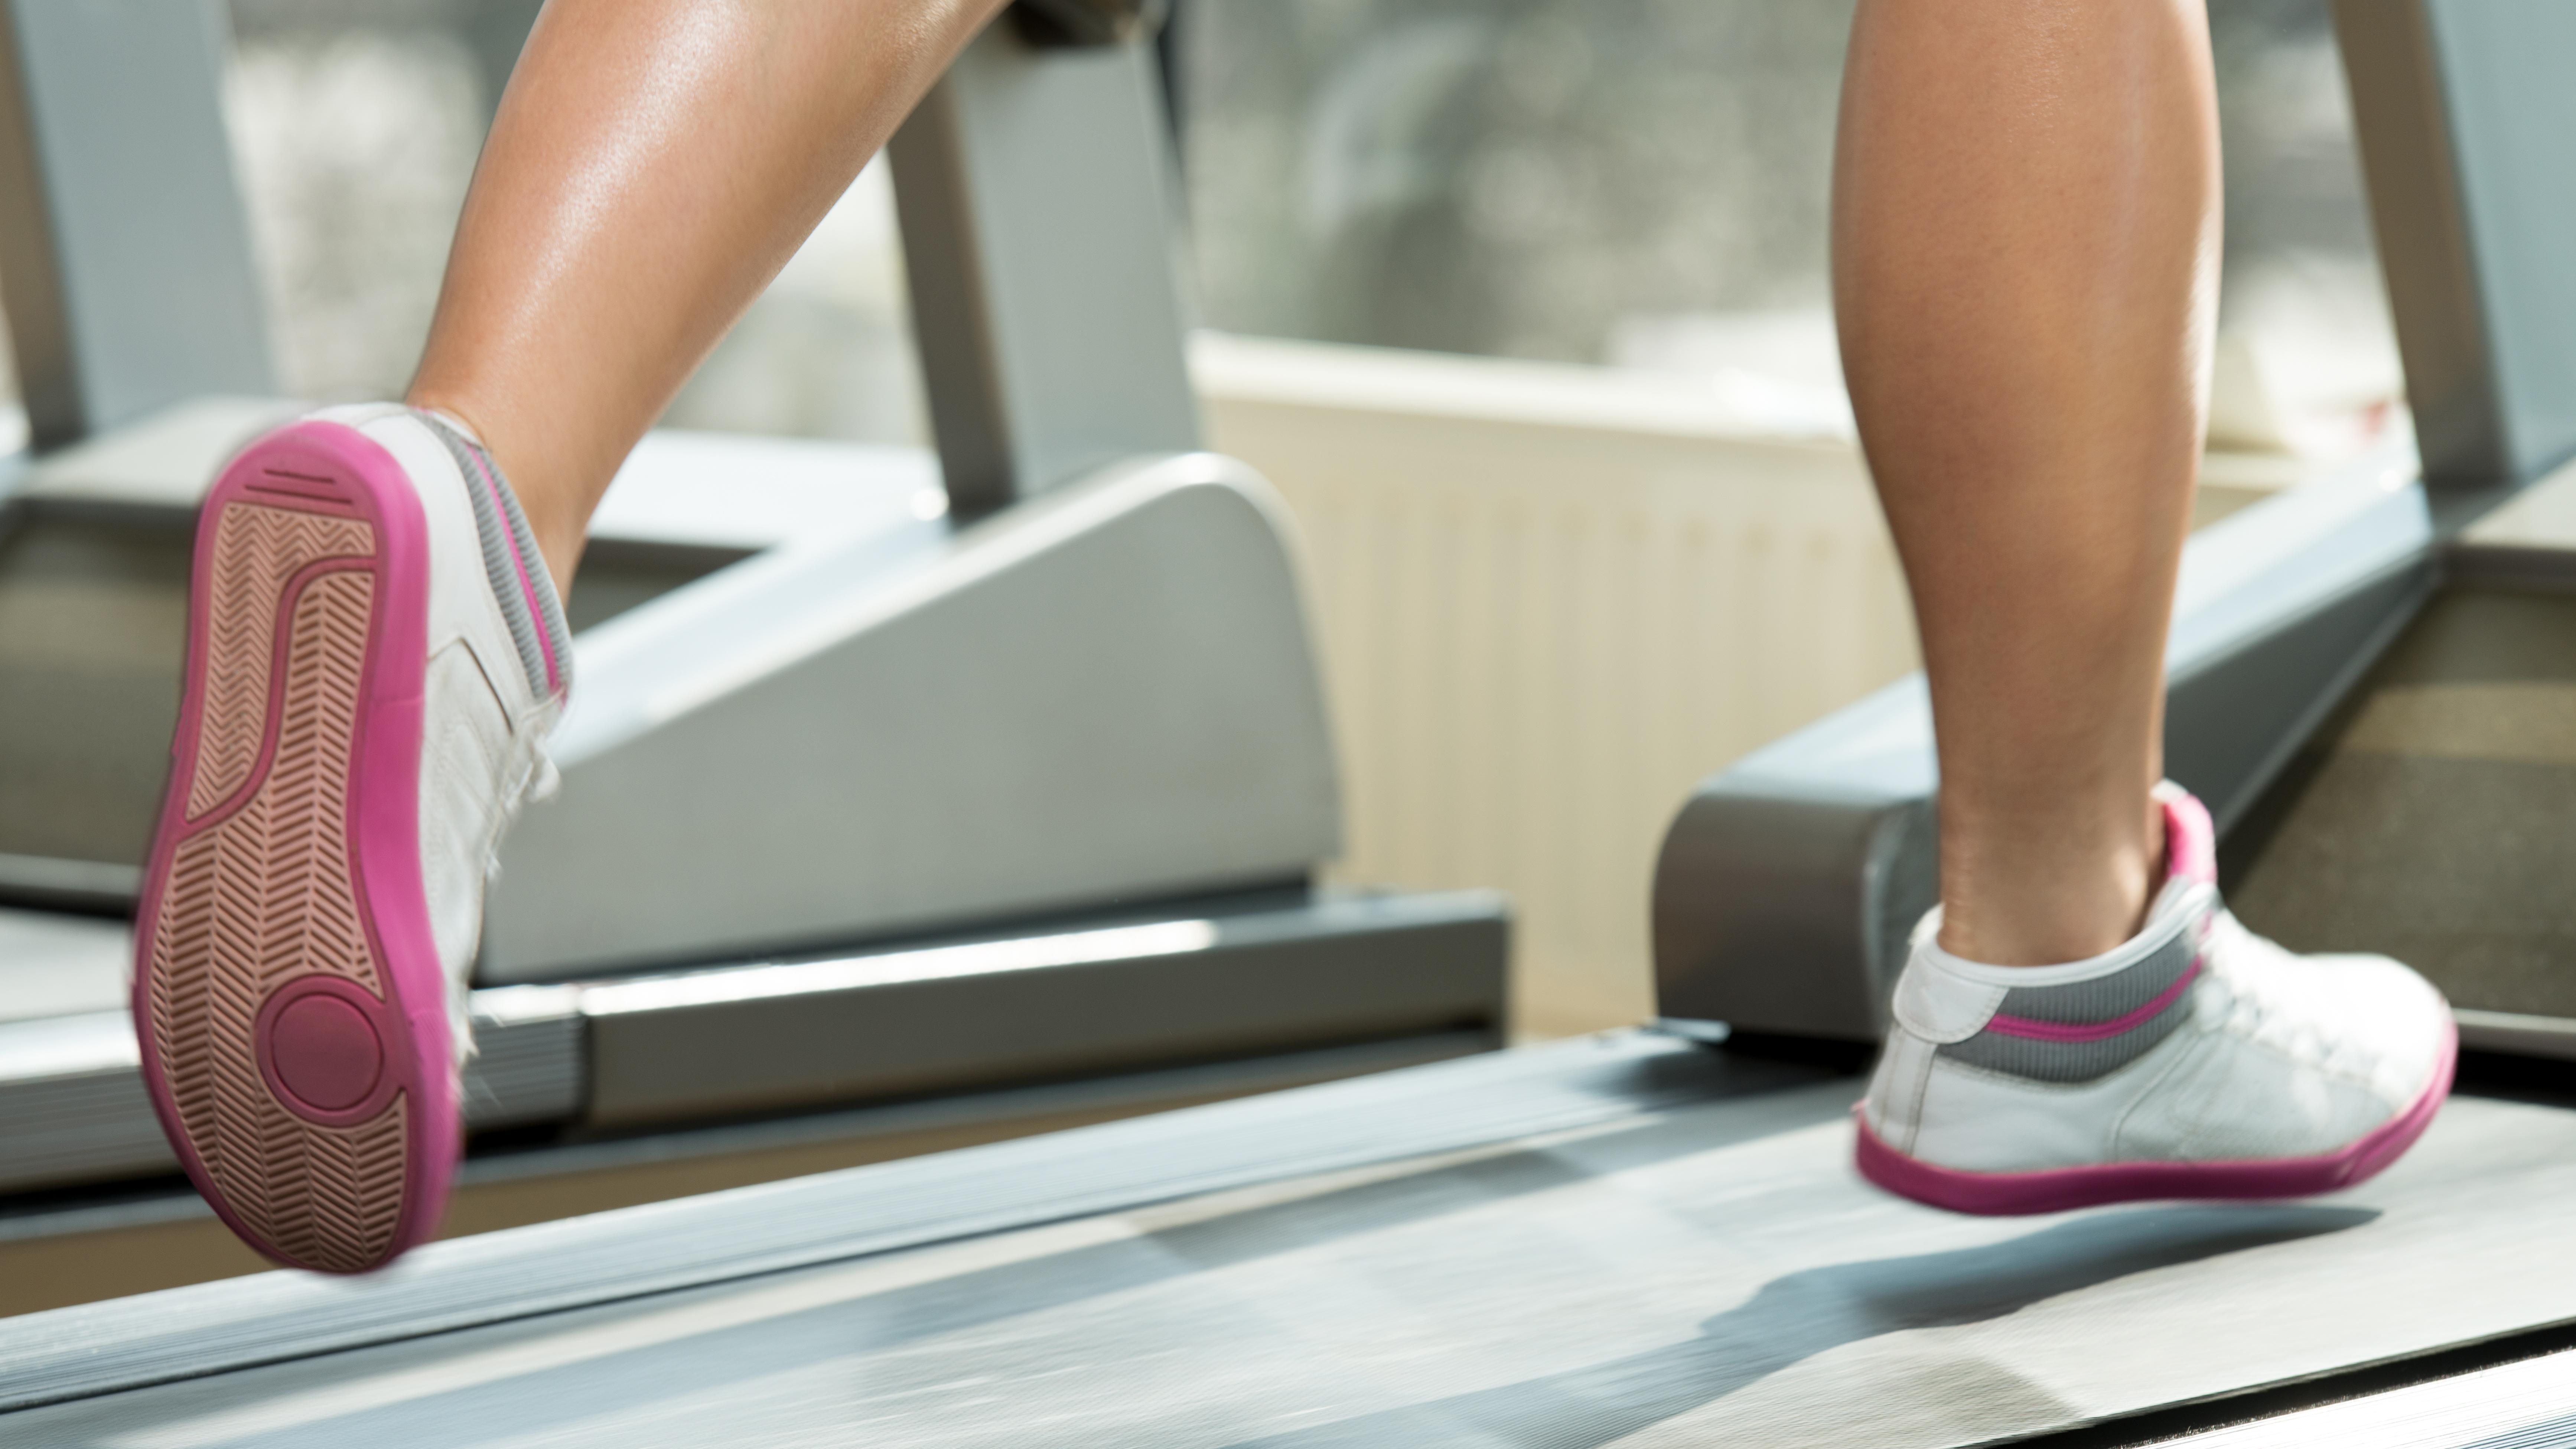 BREVKASSE Hvordan træner man sig bedst ned i vægt? | Lev nu | DR